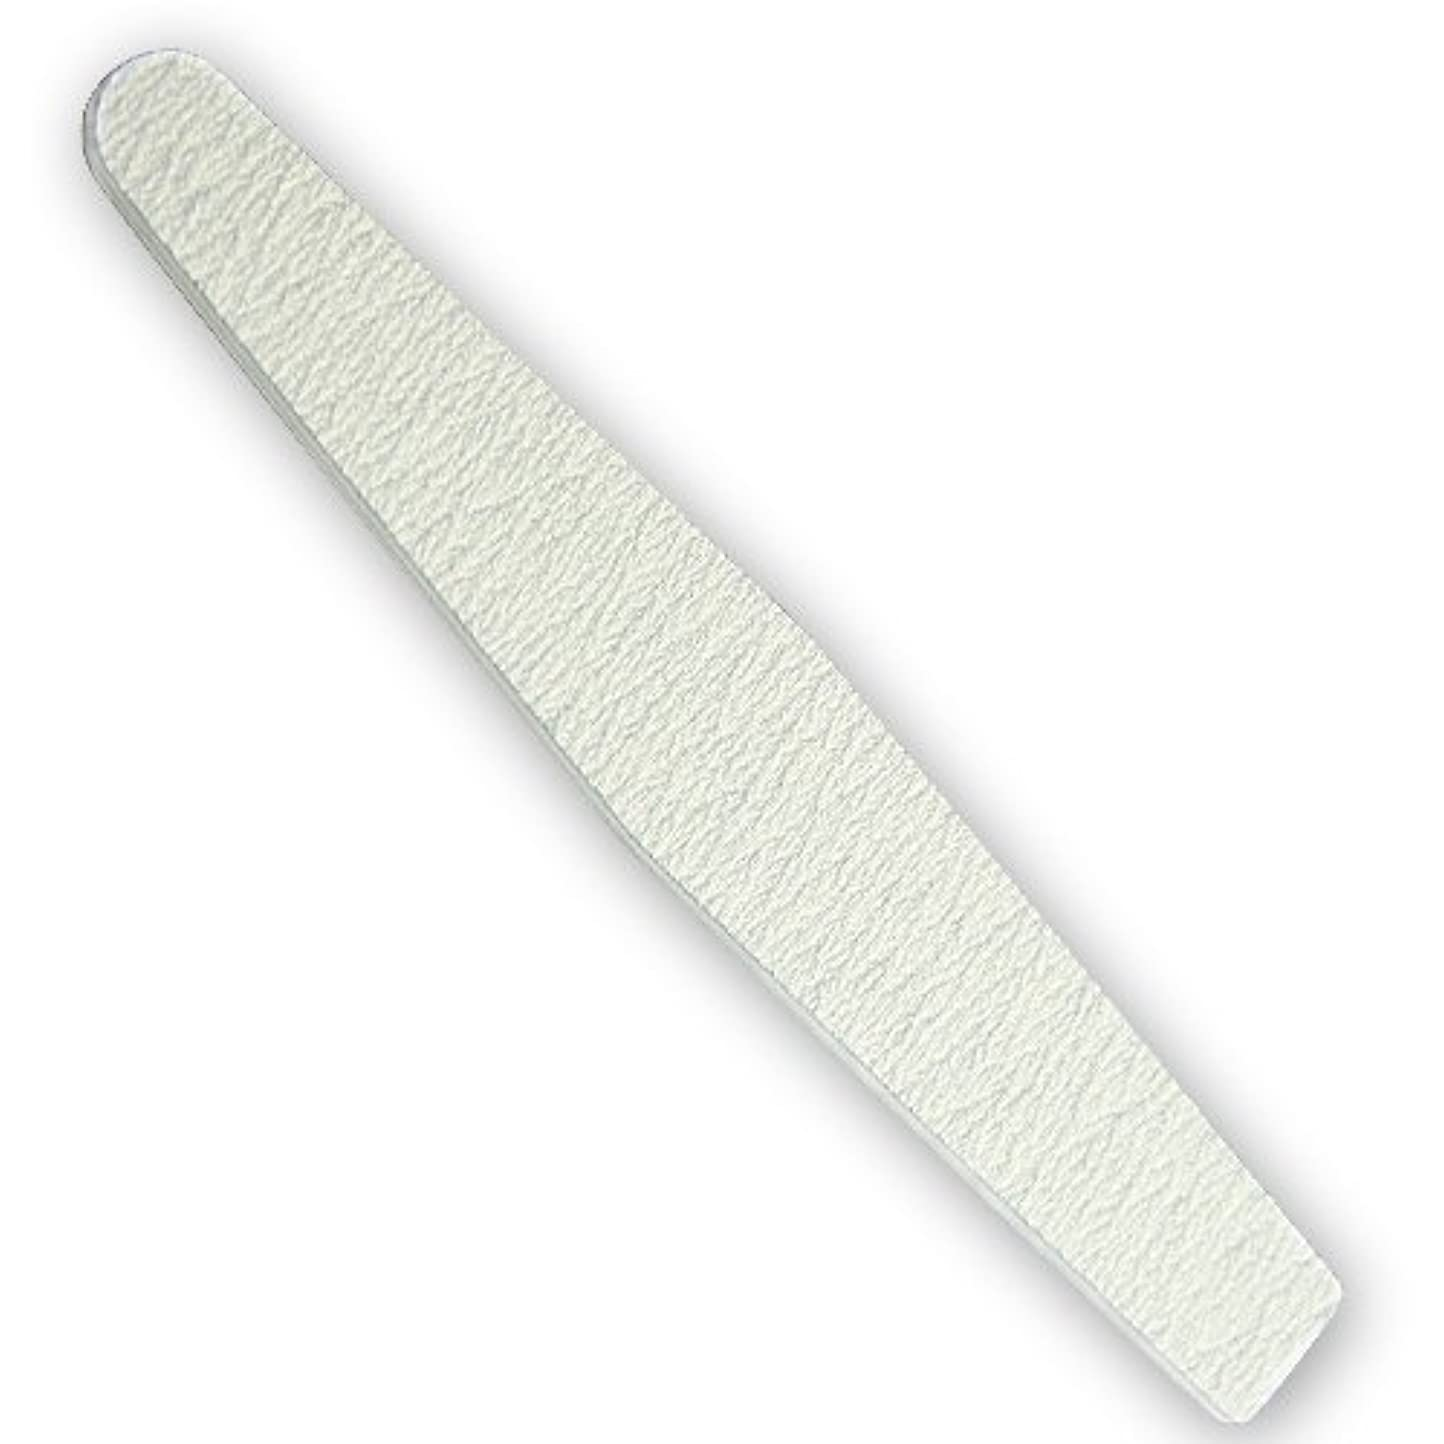 項目ループメロディージェルネイル用ファイル100/180(爪やすり)シンプルで使いやすい